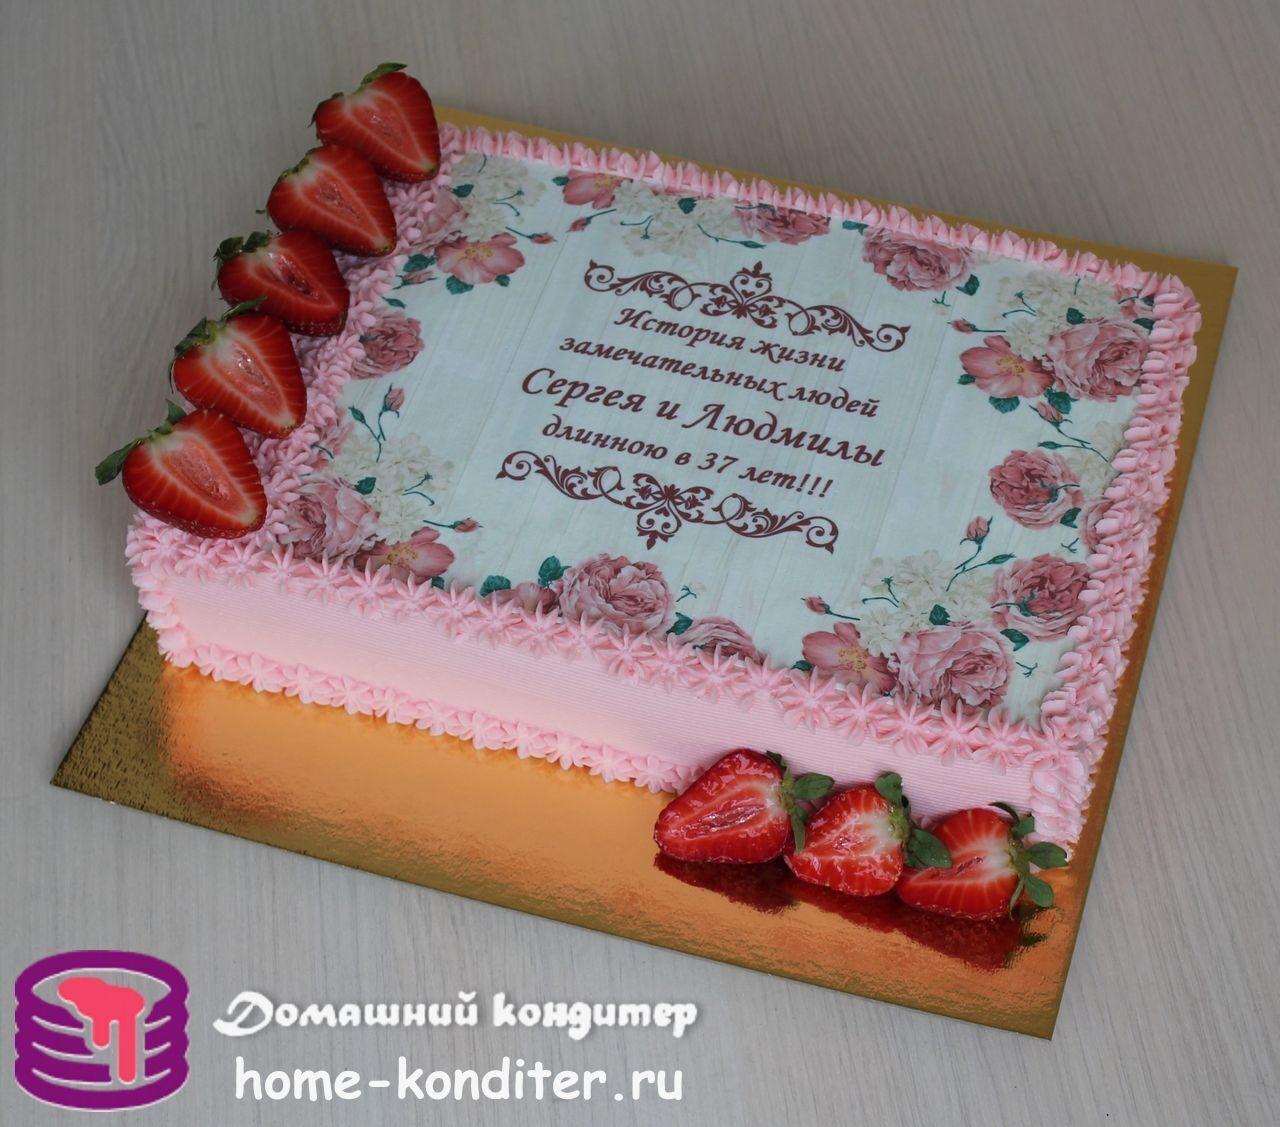 Торт свадебный, каравай - торты на